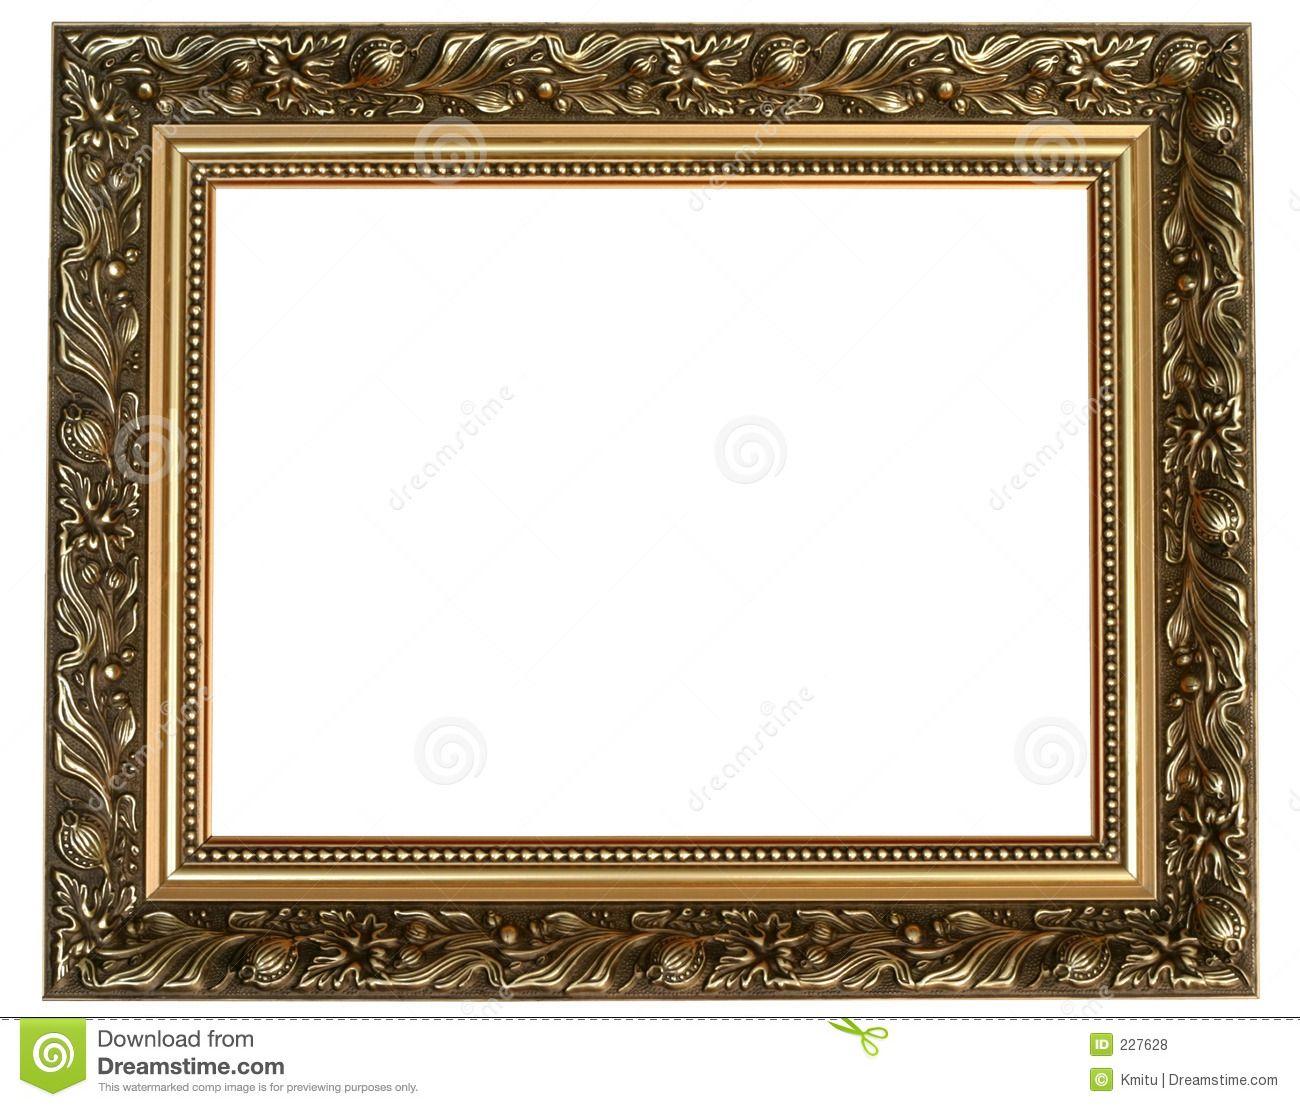 Marco antiguo marcos pinterest marcos antiguos y marcos - Marcos de cuadros vintage ...